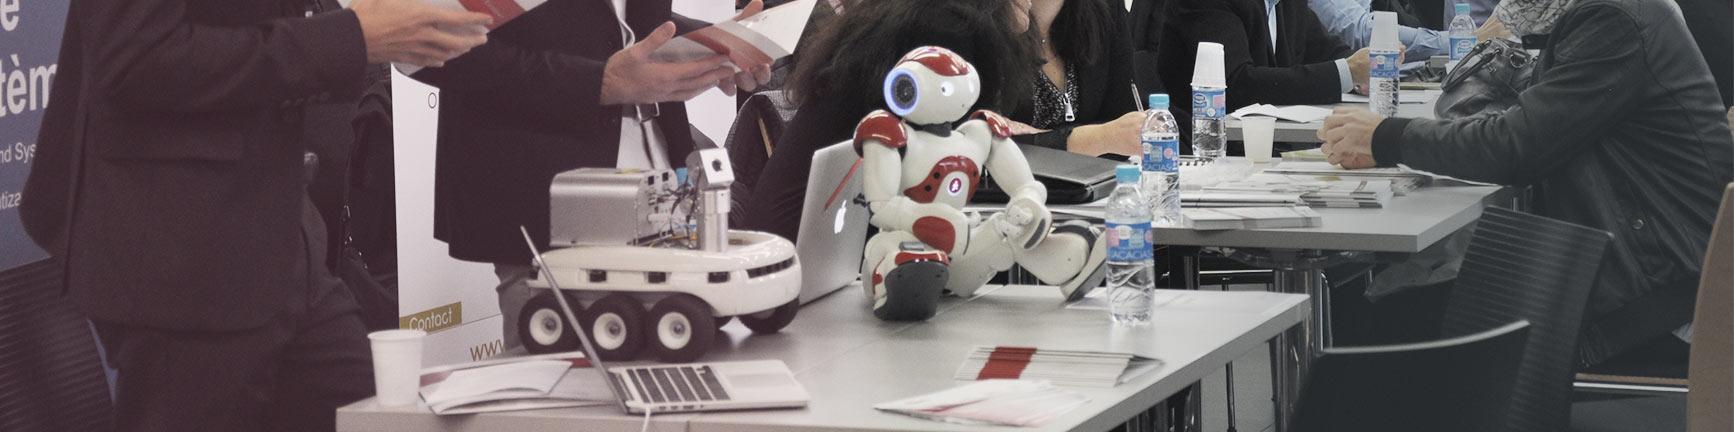 Robot au Salon GO